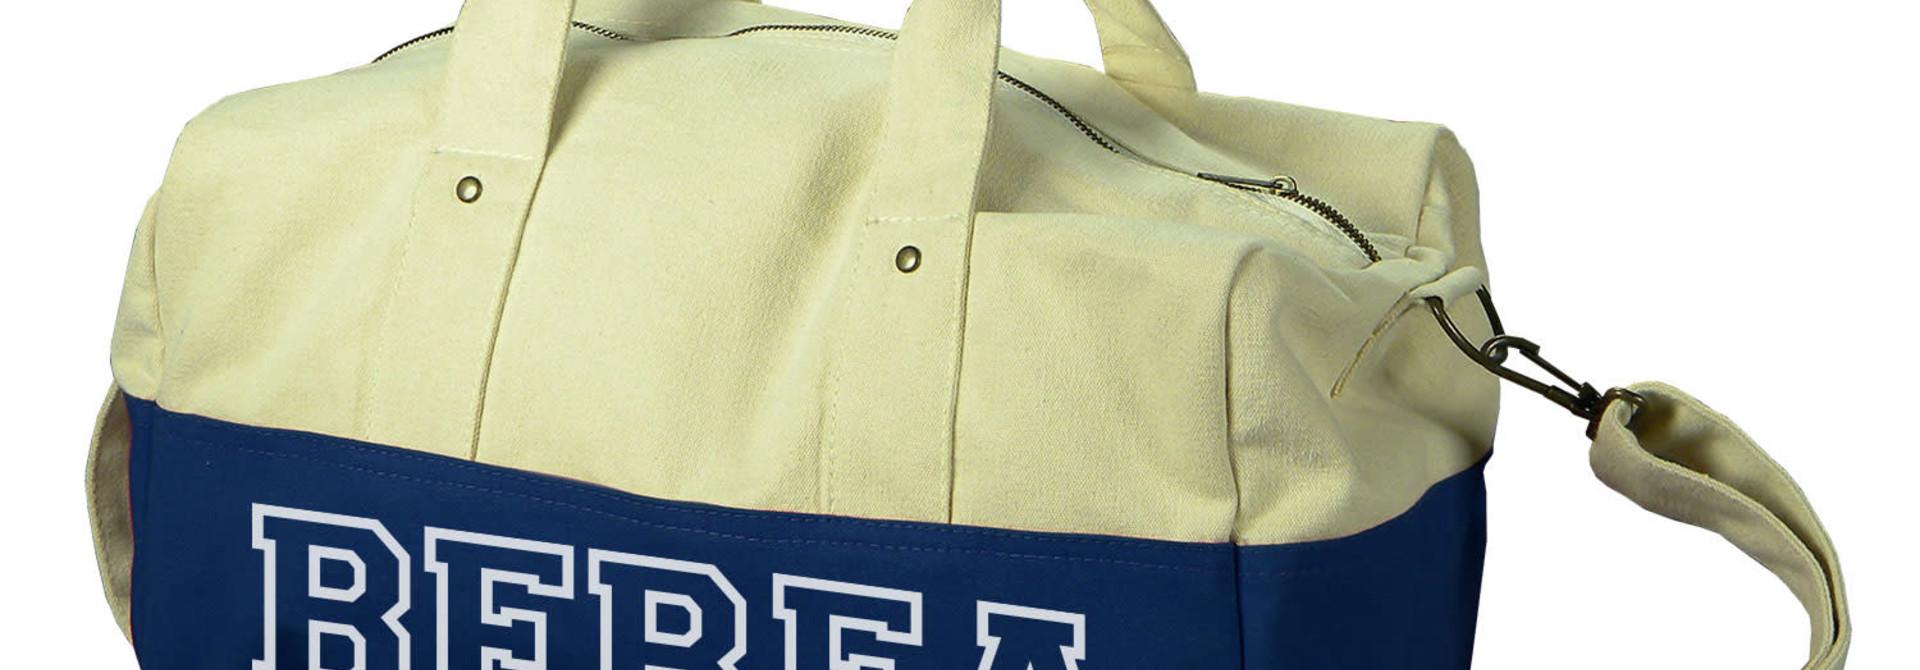 Berea Duffel Bag